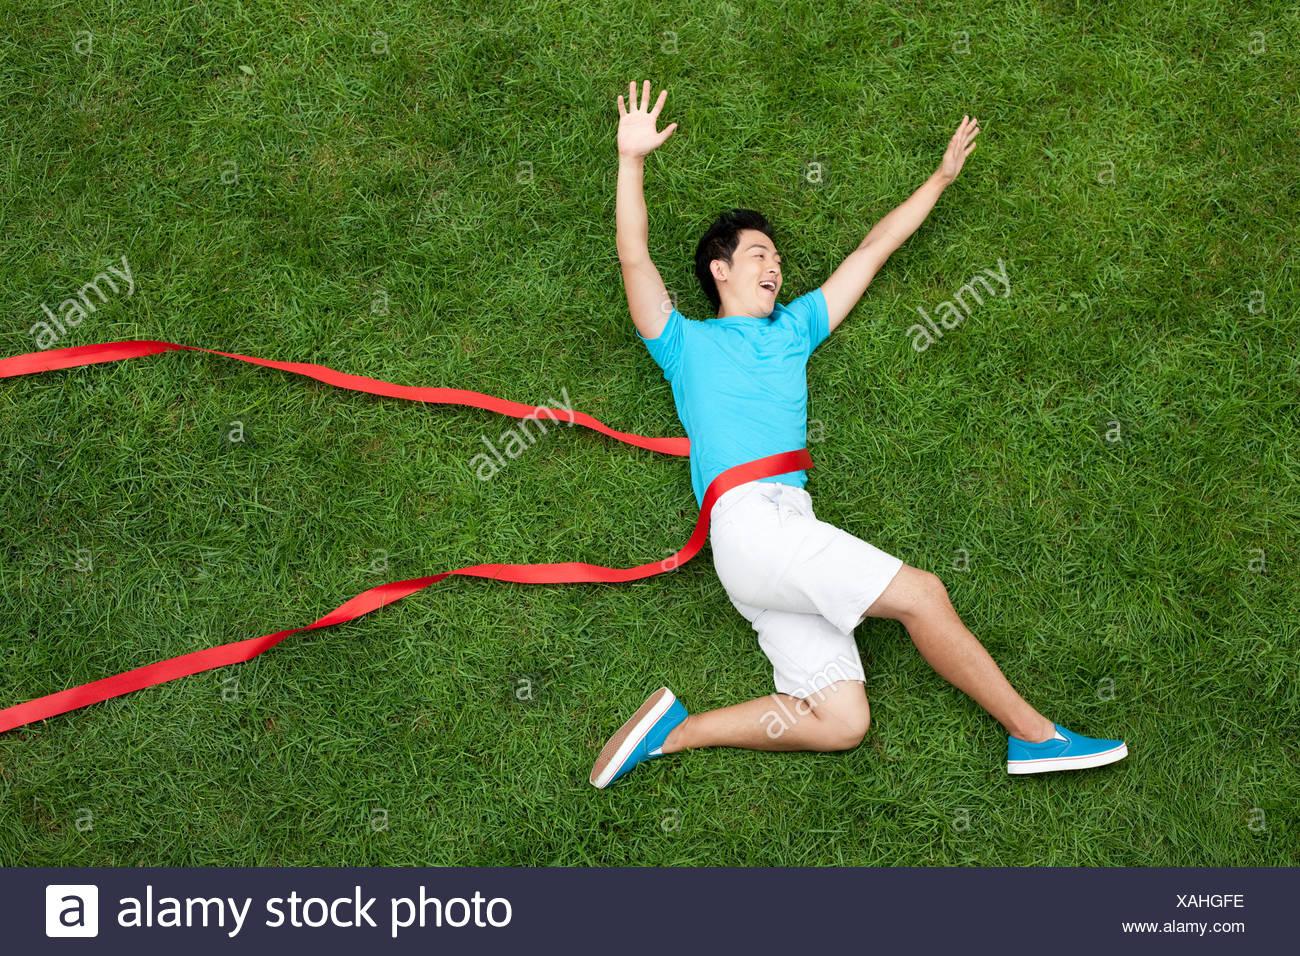 Kreative junge Mann imitieren ausgeführten Angriff auf Rasen Stockbild